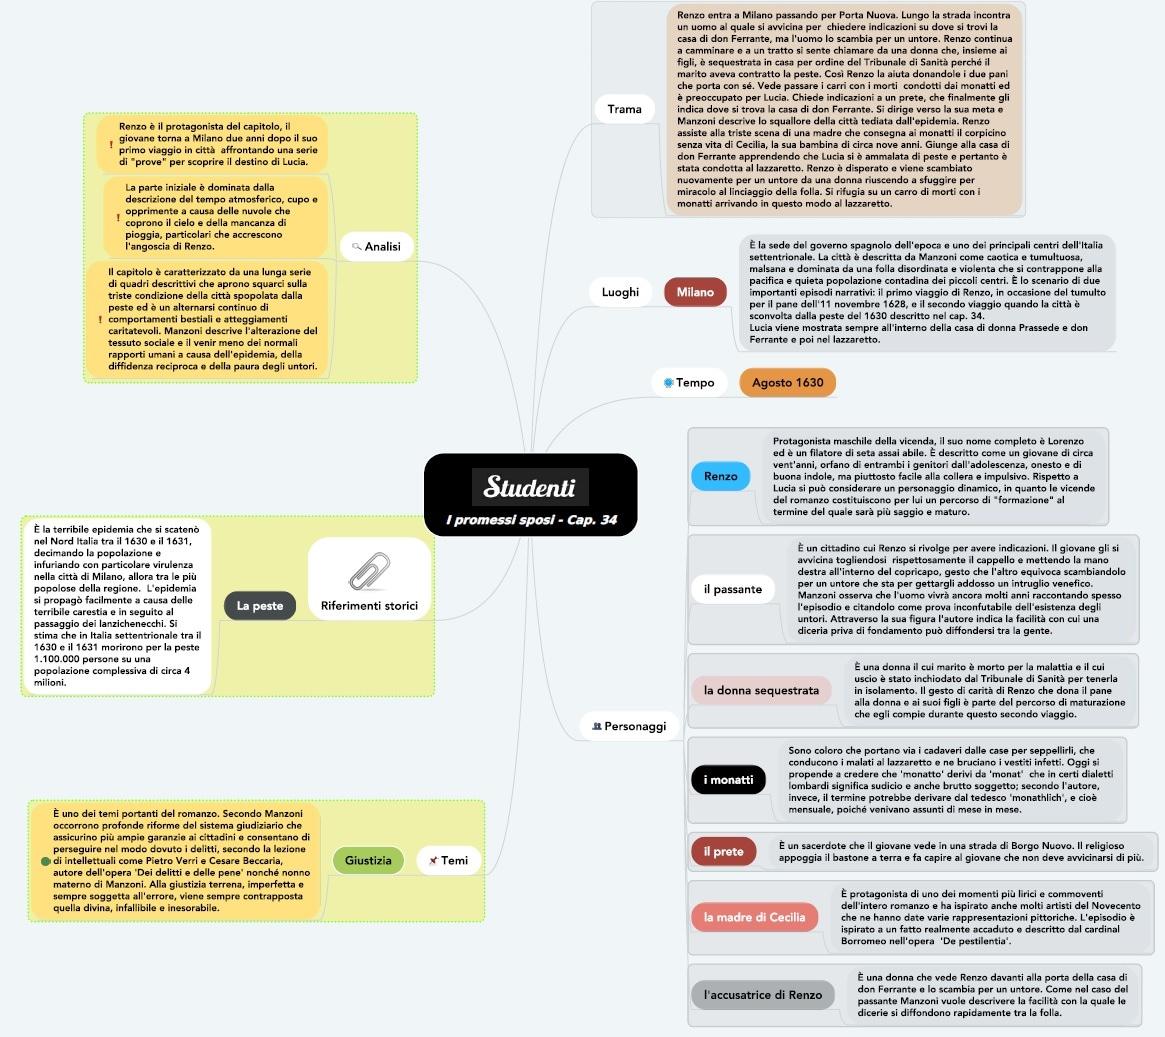 Mappa concettuale capitolo 34 I promessi sposi